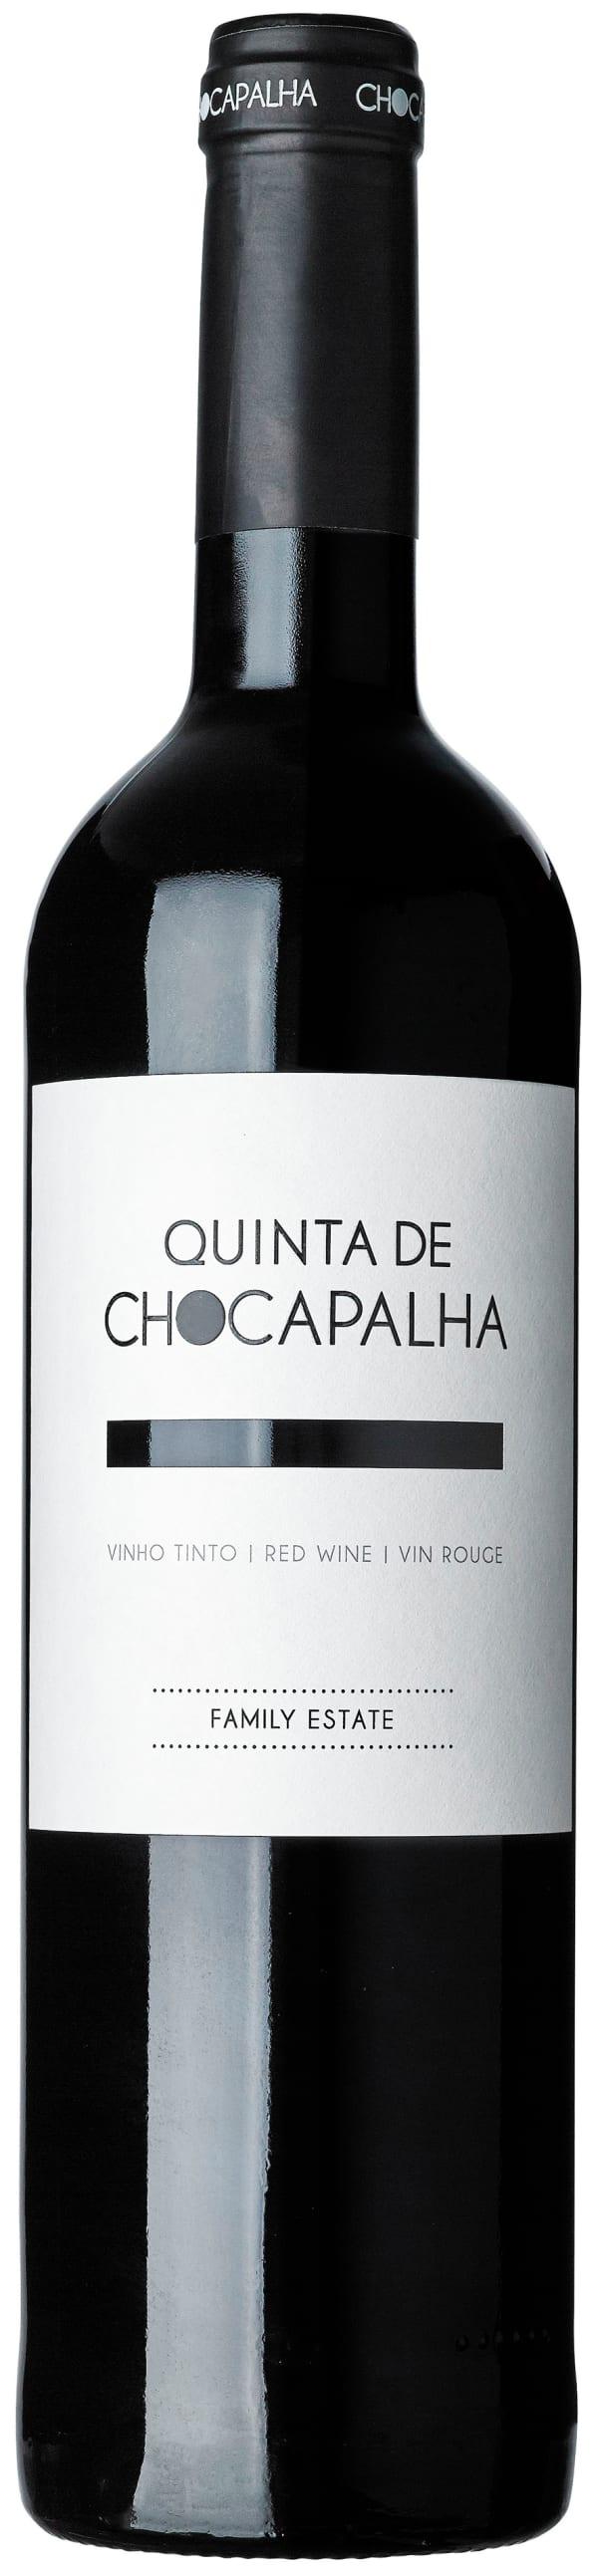 Quinta de Chocapalha Tinto  2015